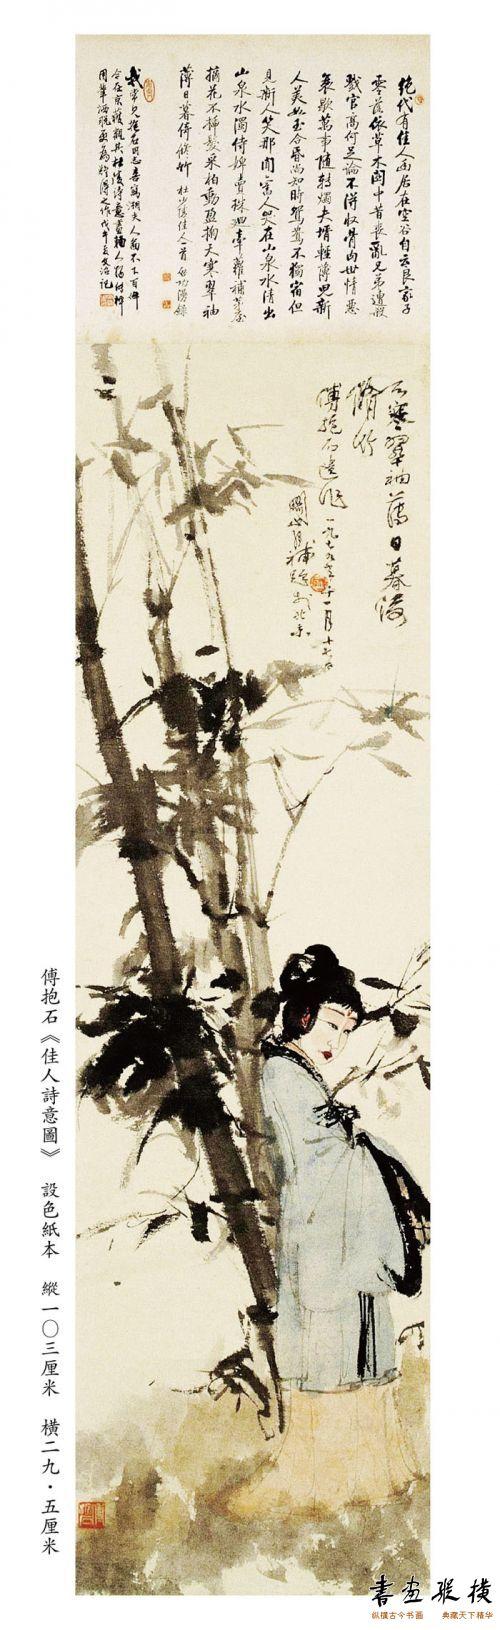 傅抱石《佳人诗意图》,设色纸本,纵1.3厘米,横29.5厘米